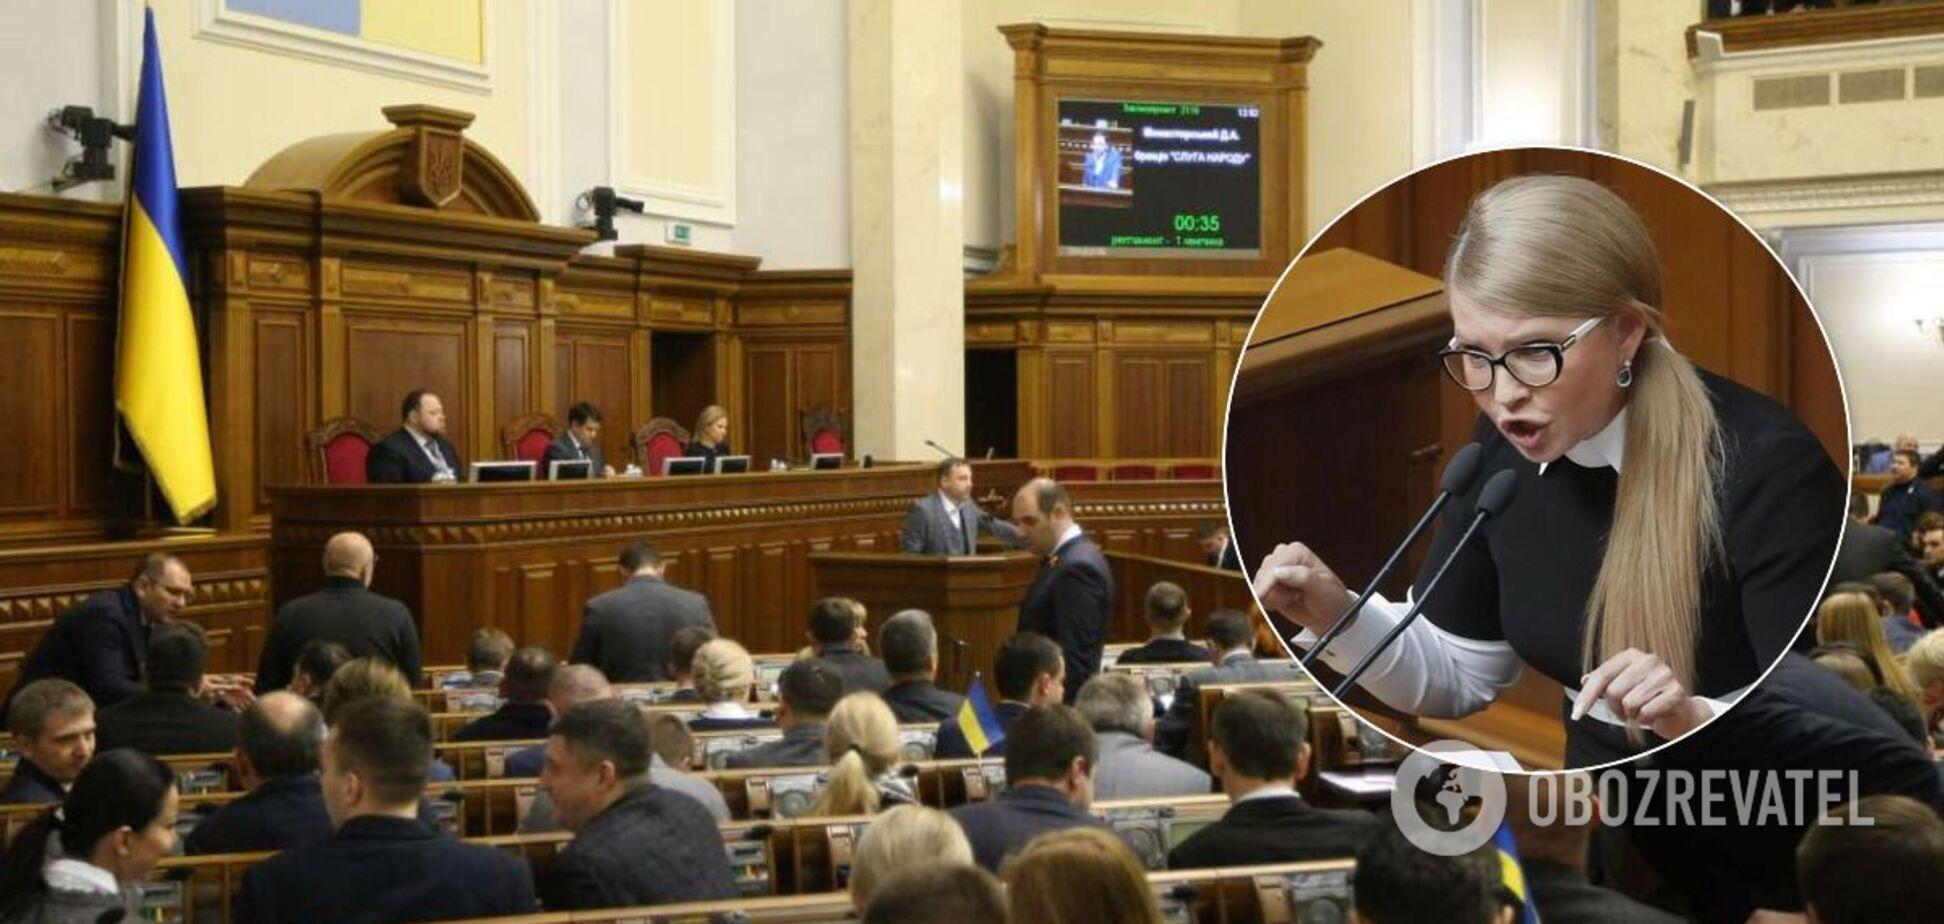 Лещенко заявив про змову Медведчука і Тимошенко